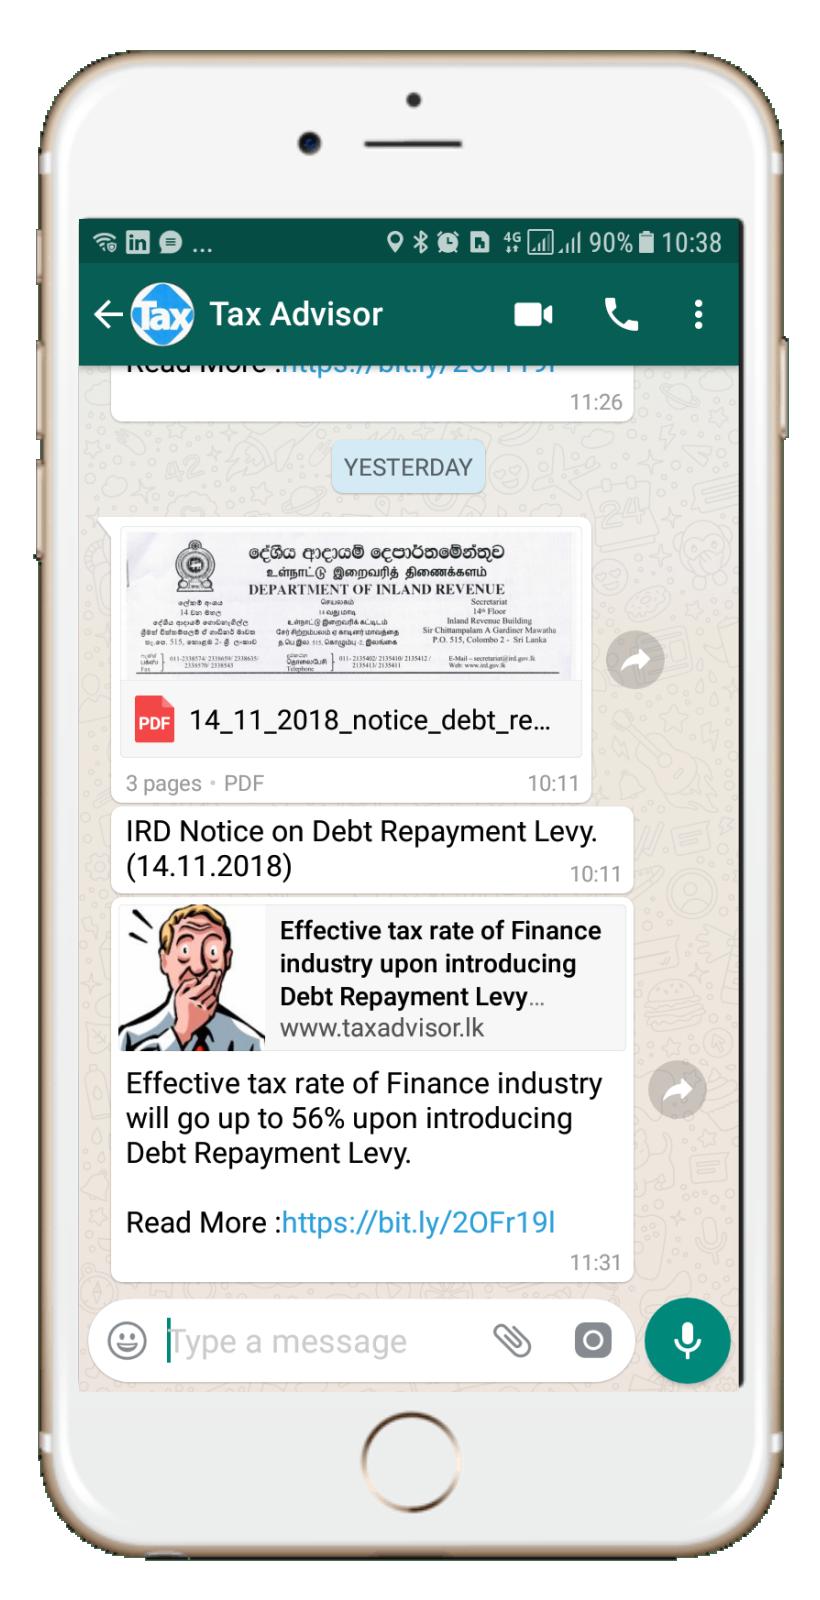 Tax Advisor - Instant Tax Solutions :: - Tax Updates